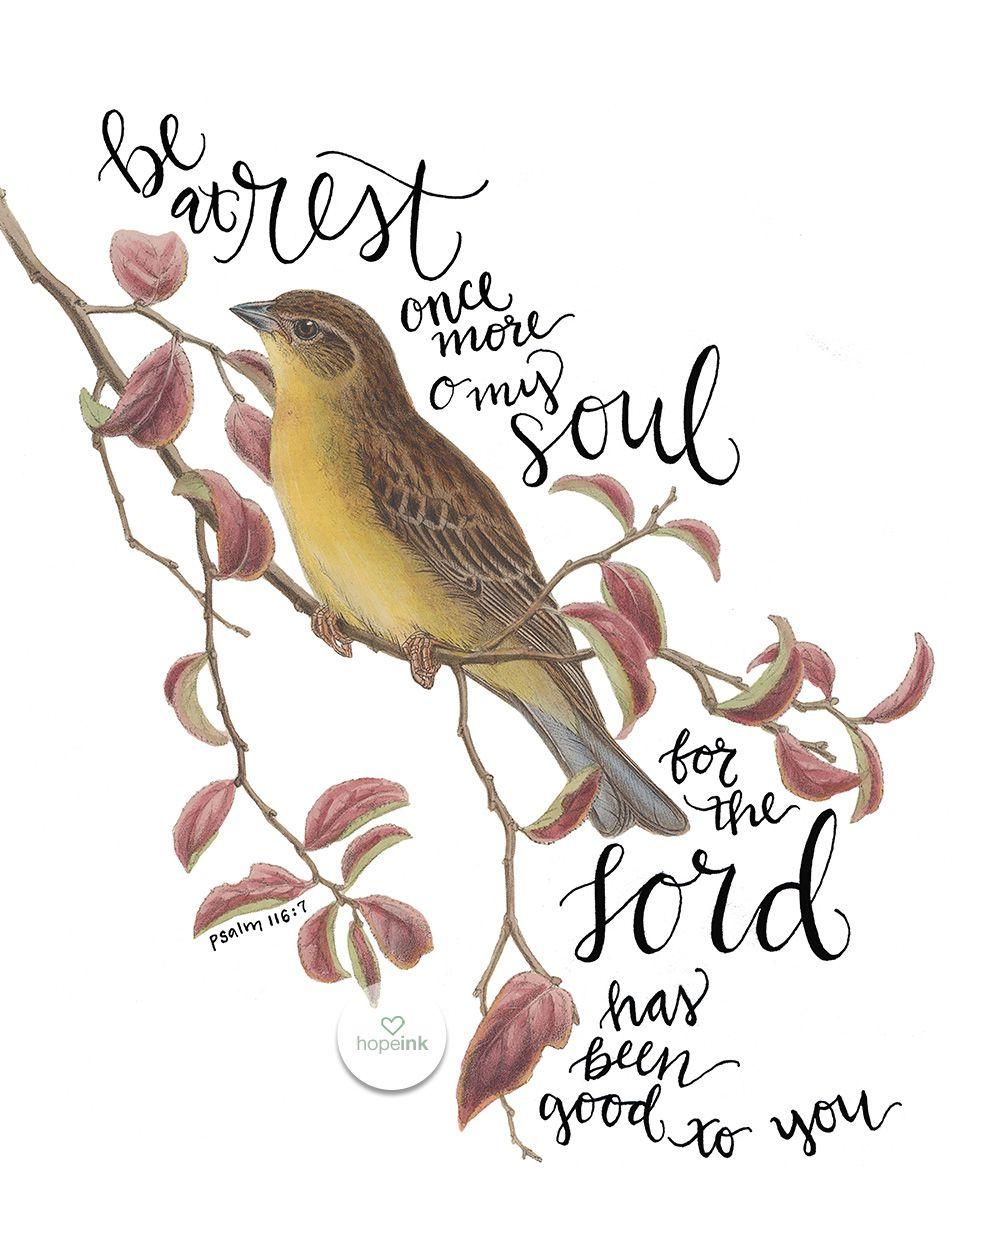 Soul — Hope Ink